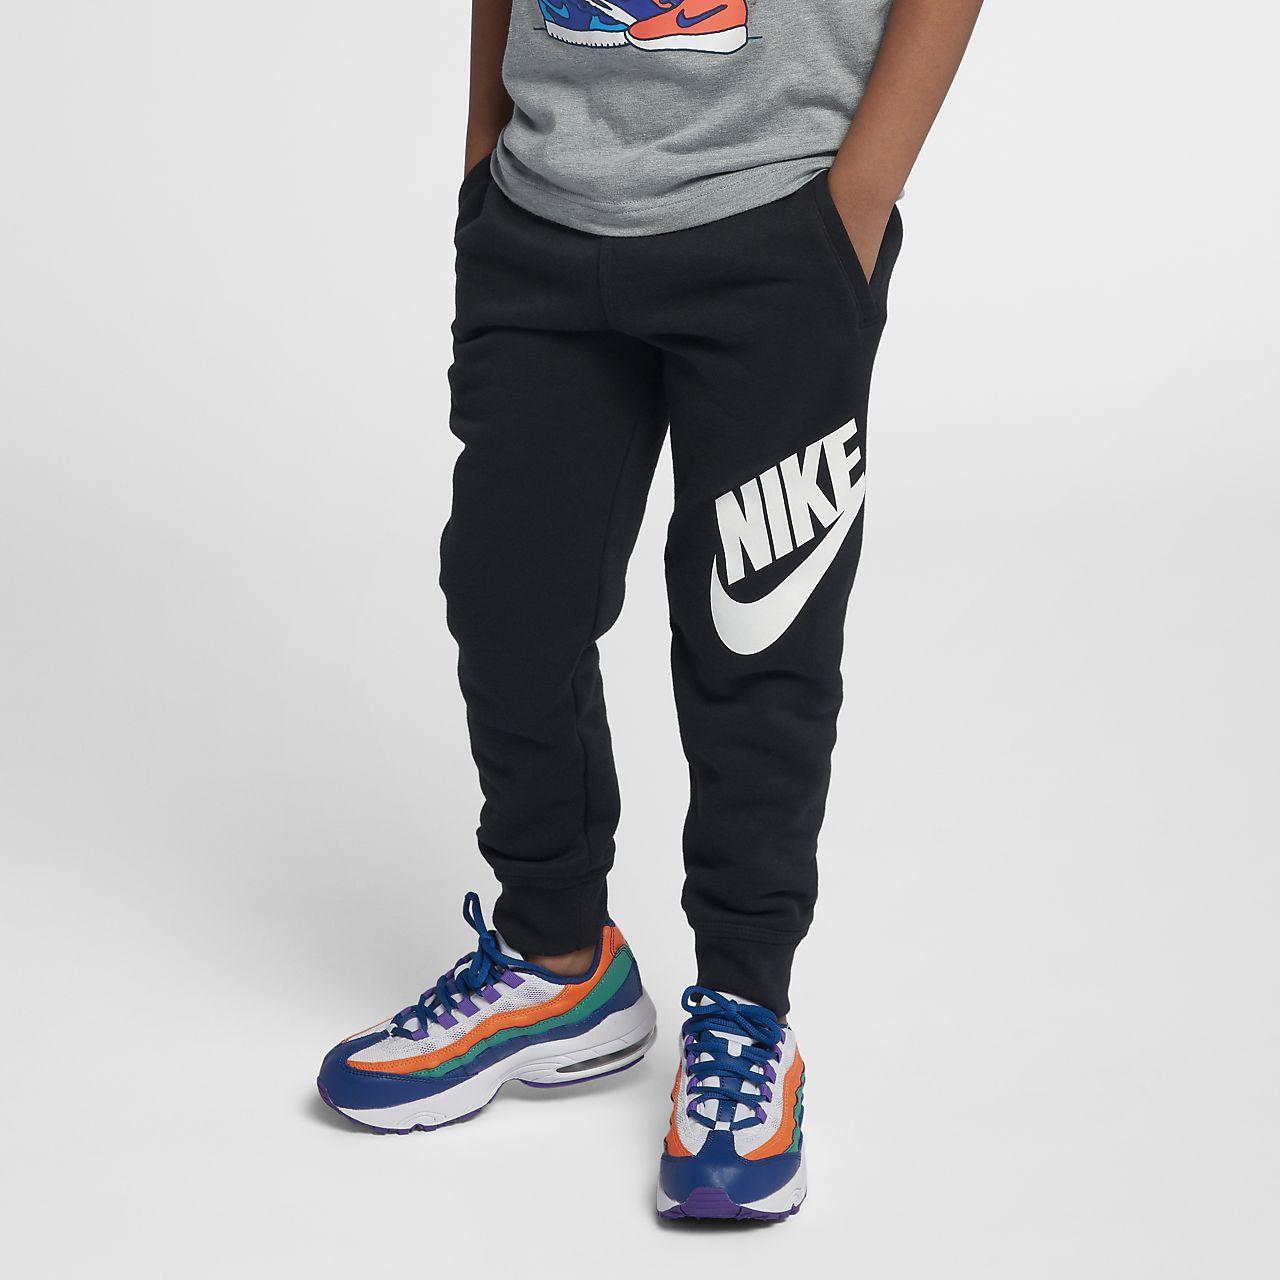 Παντελόνι Nike για μικρά παιδιά